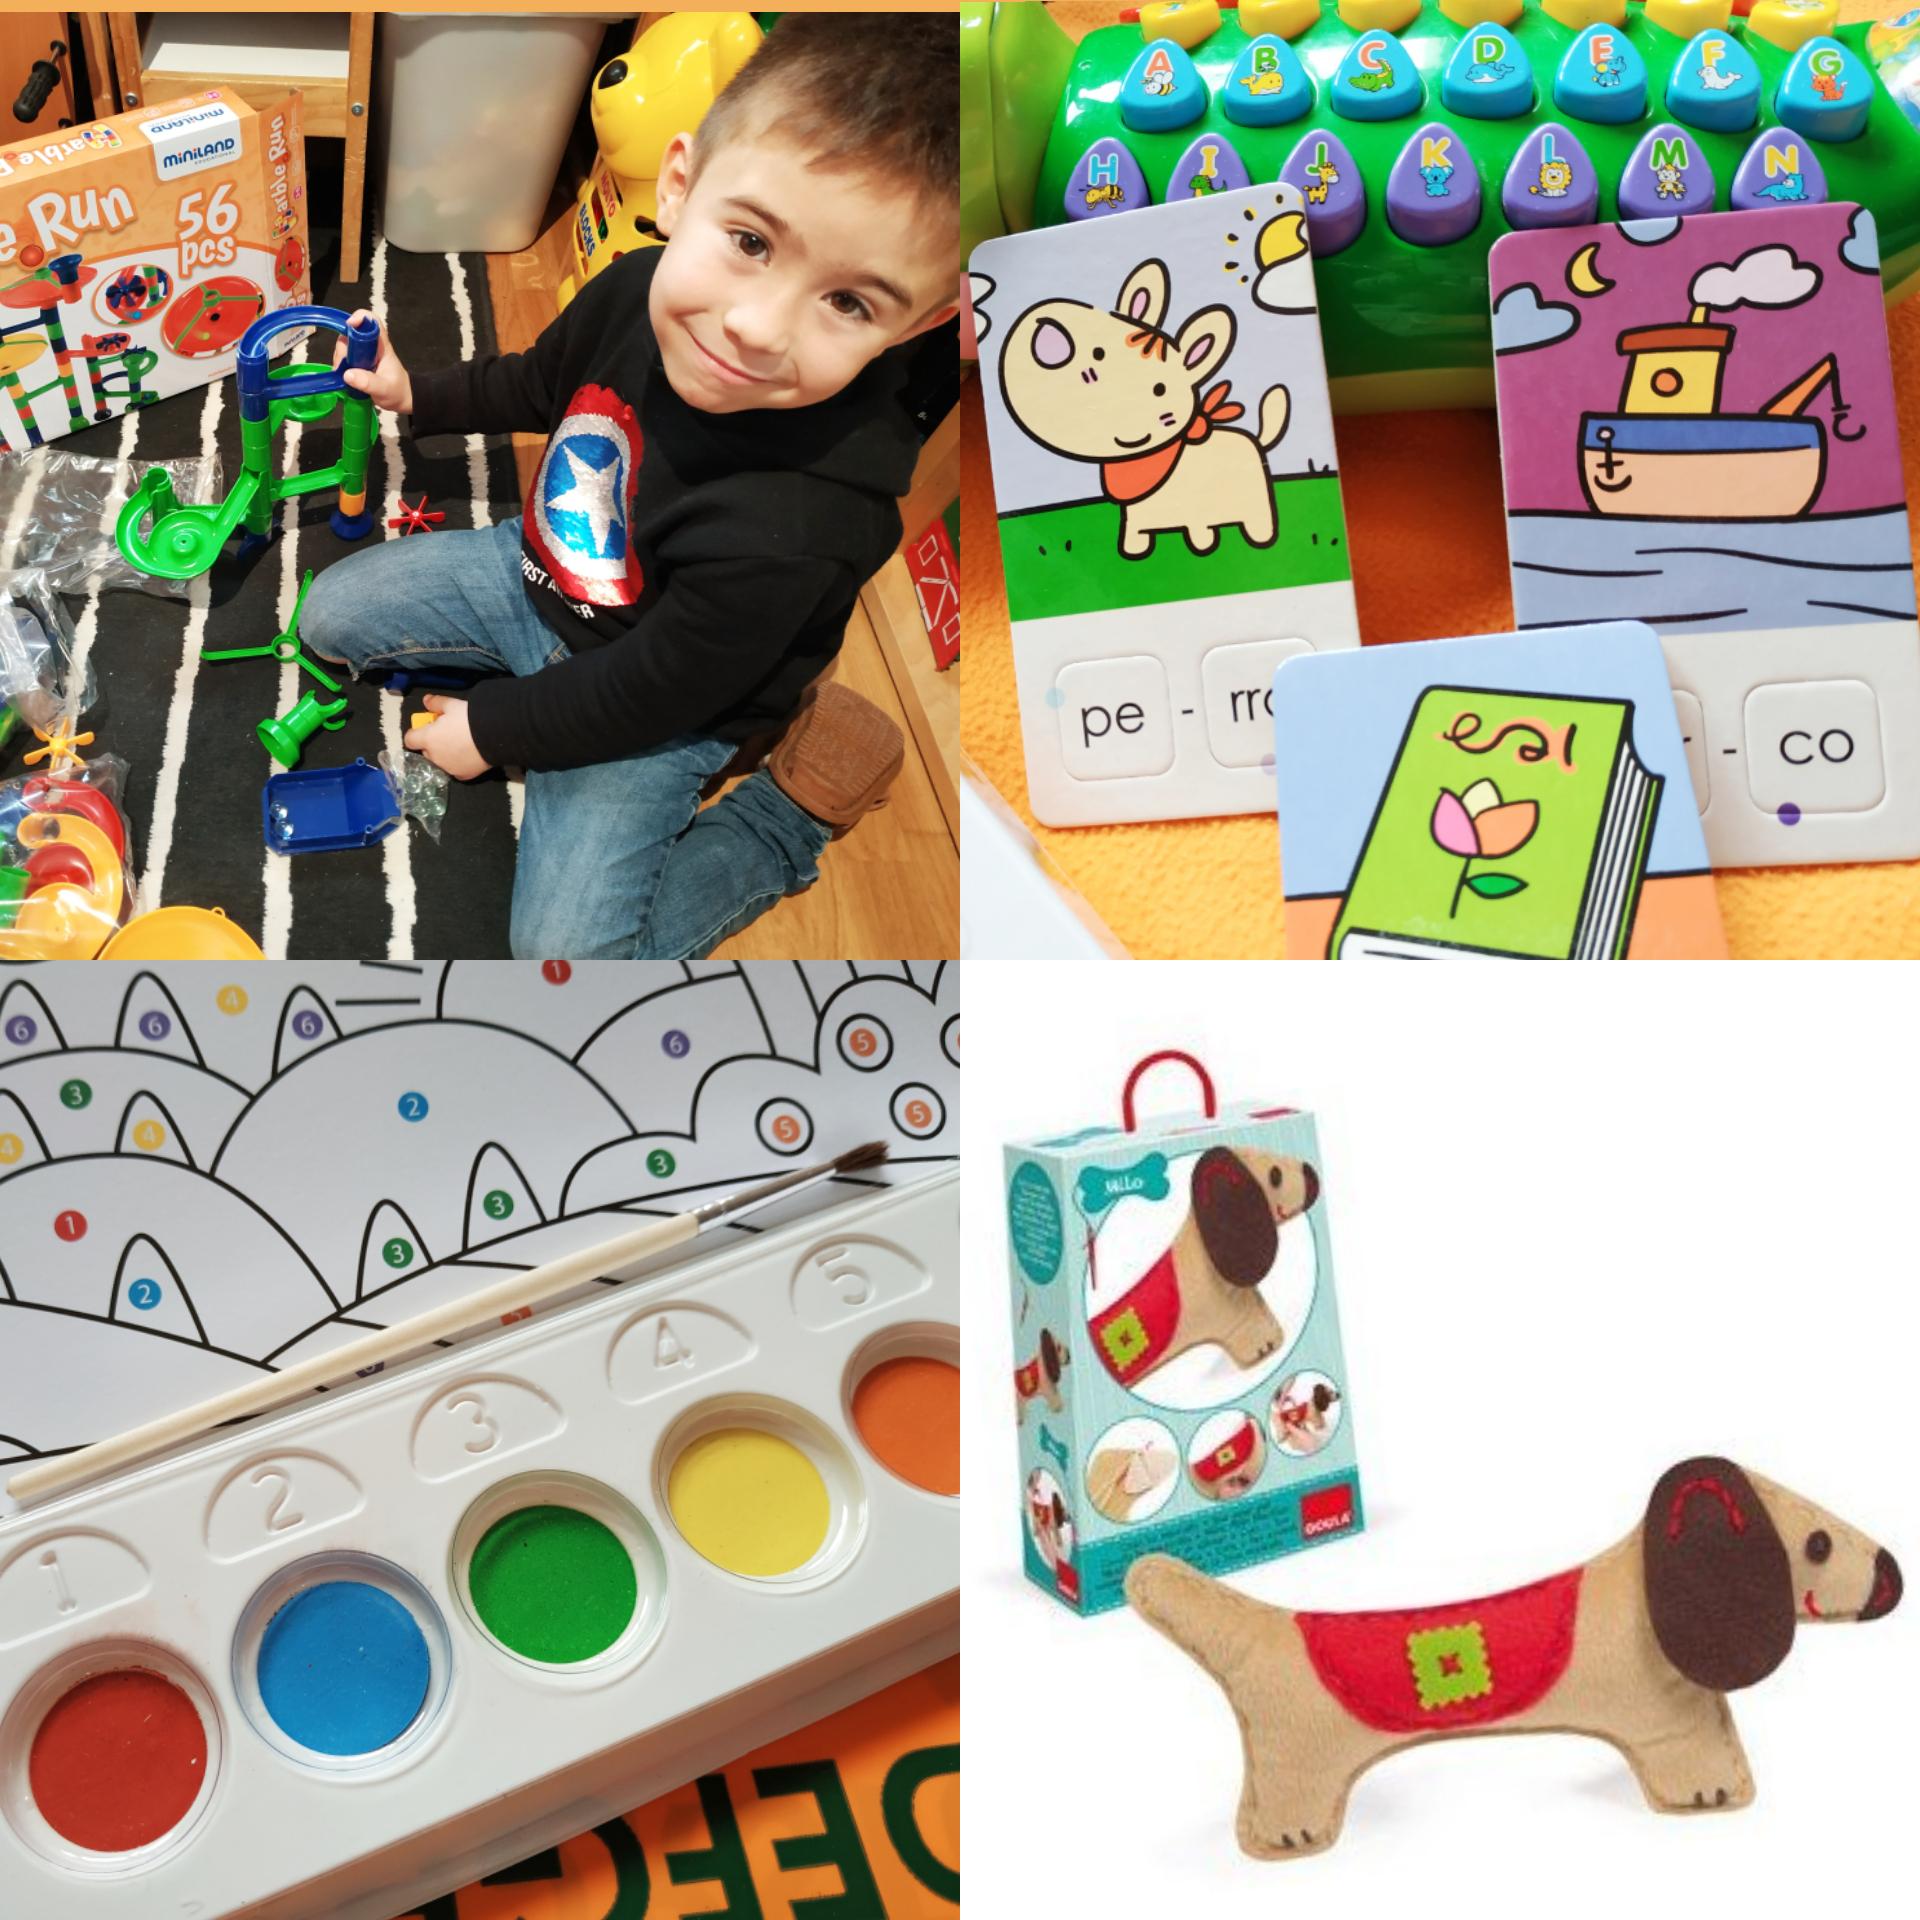 InShot 20190409 100759469 - Juegos didácticos para niños de 6 años